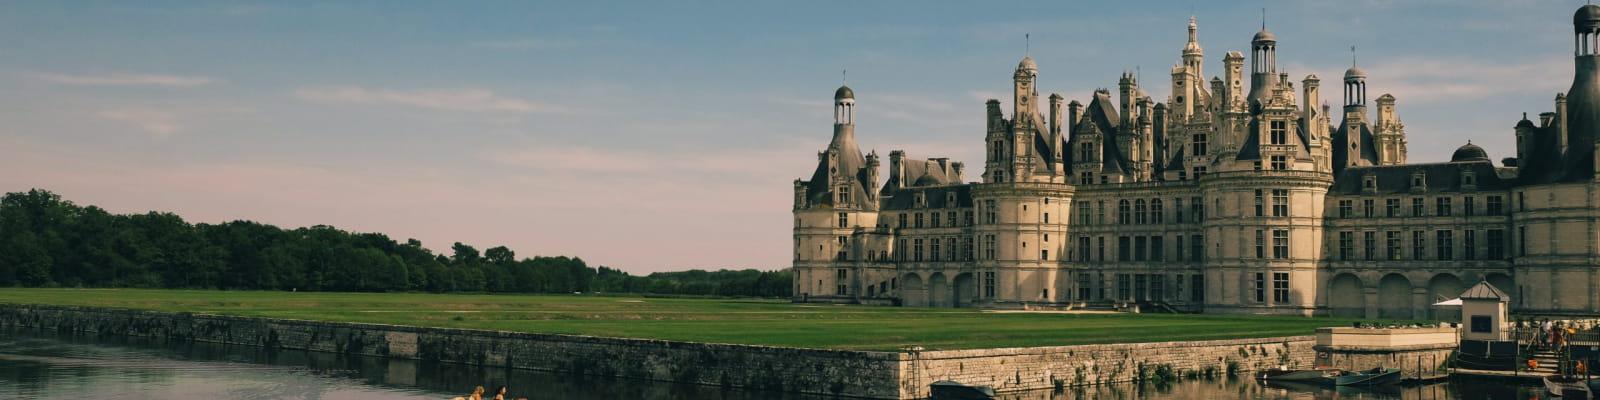 Château de Chambord avec un barque